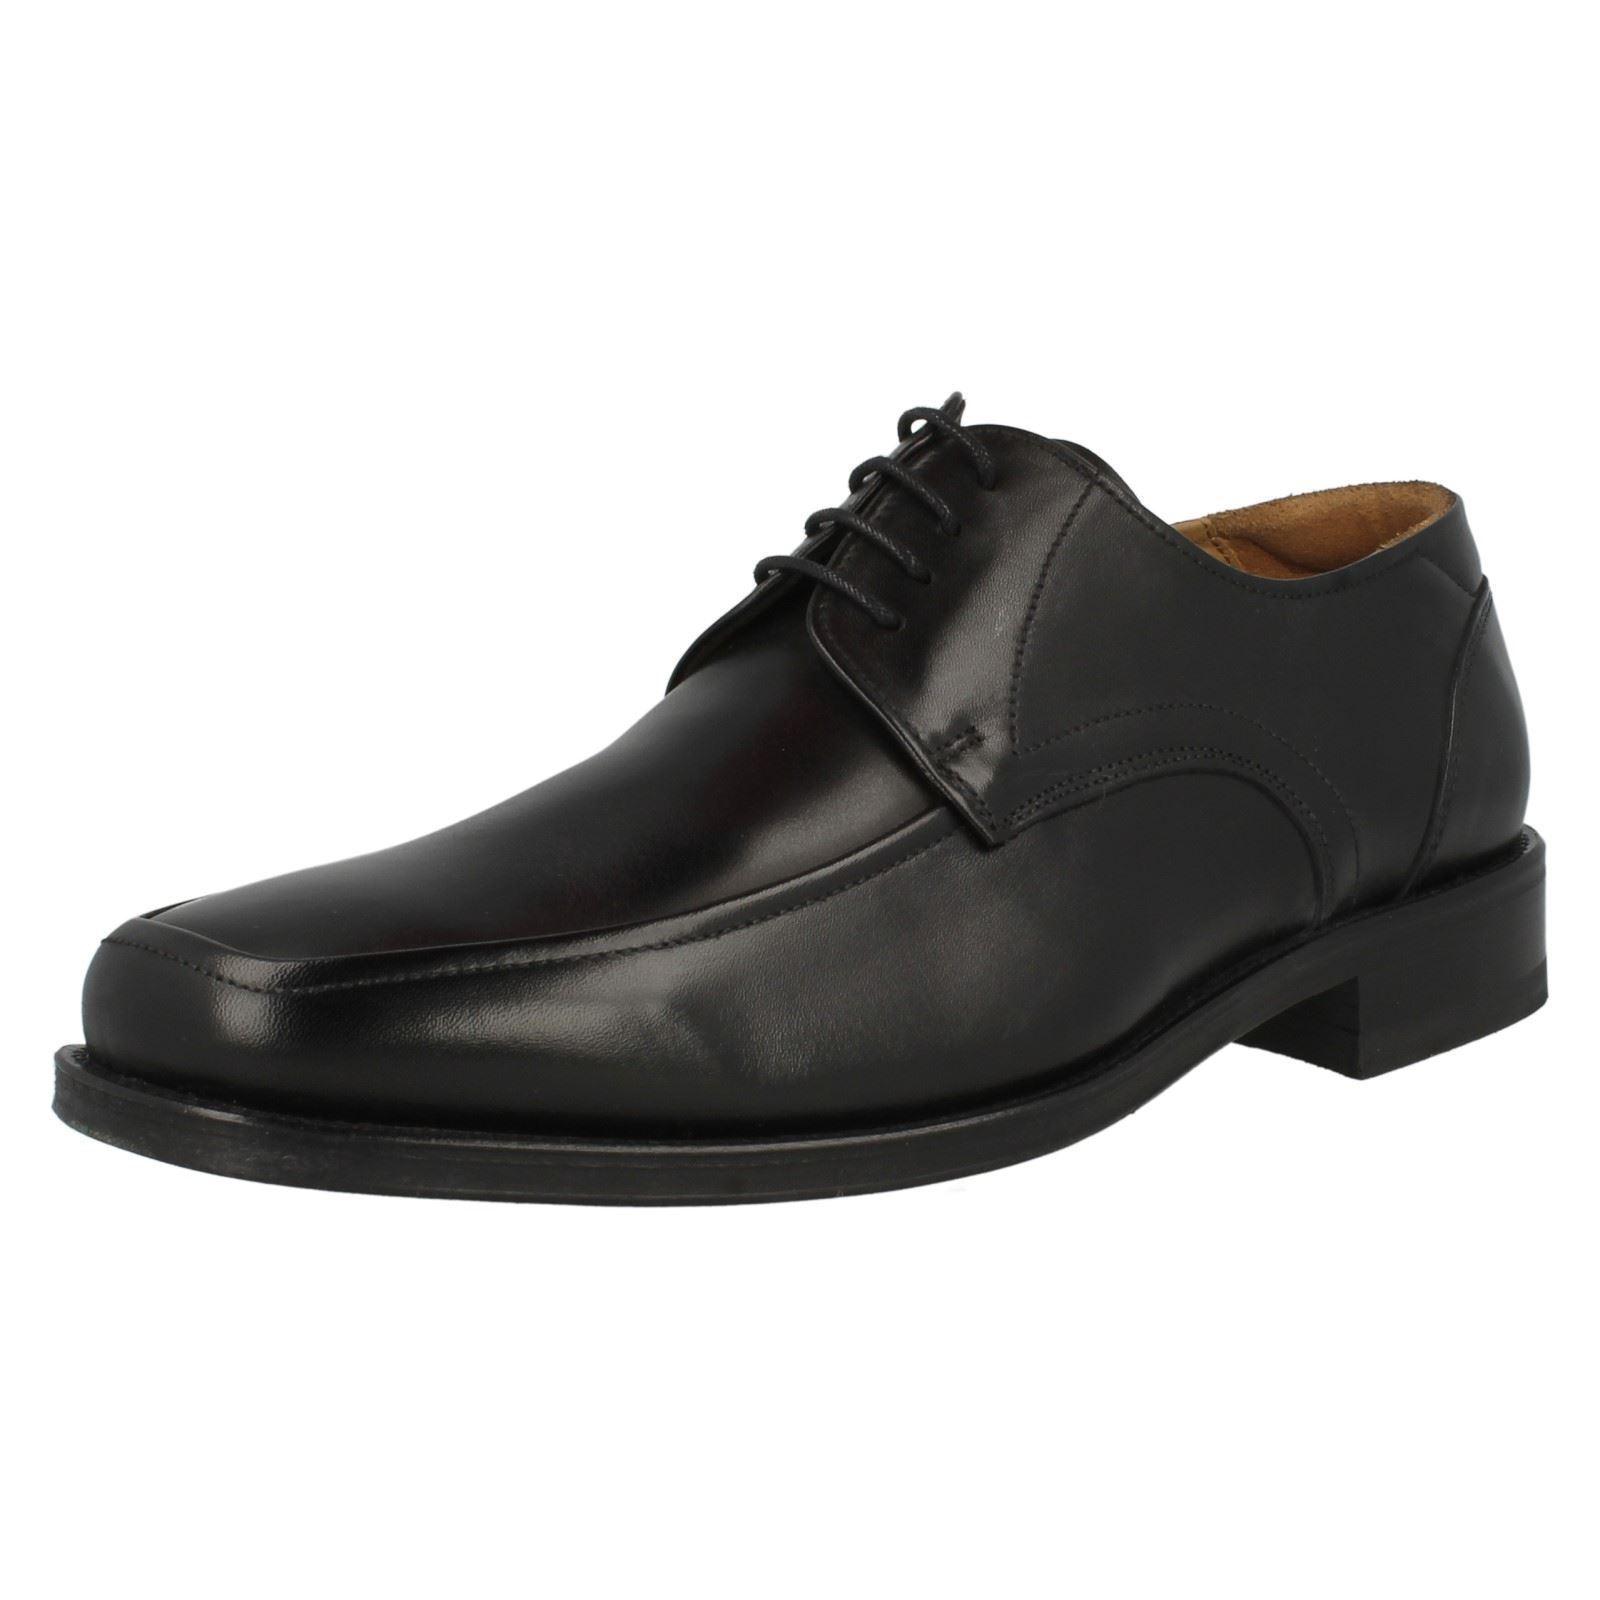 Uomo LOAKE doppia vestibilità Scarpe stringate formali - Sussex ( Scarpe classiche da uomo